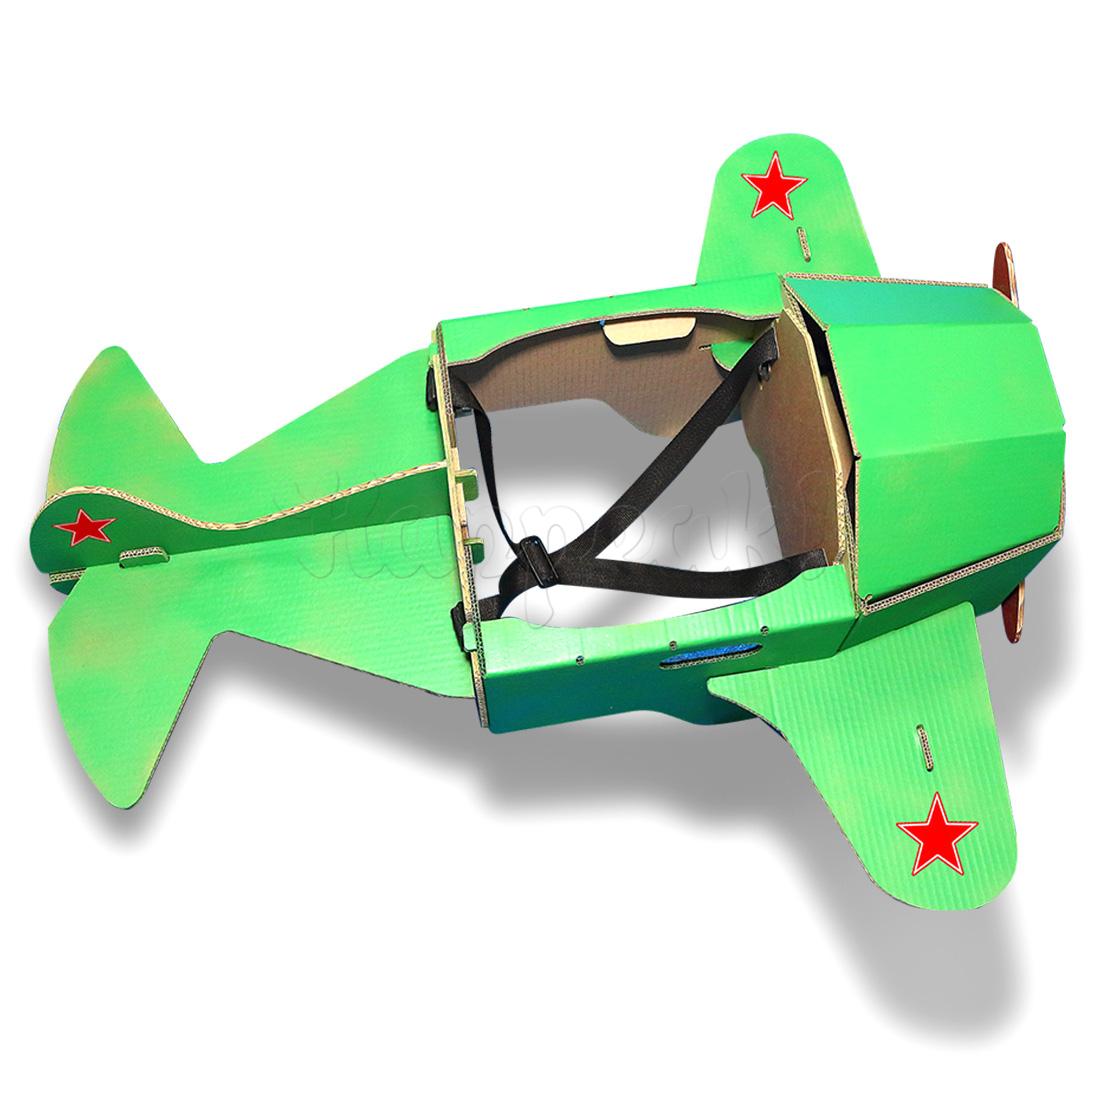 Как сделать самолет игрушку своими руками